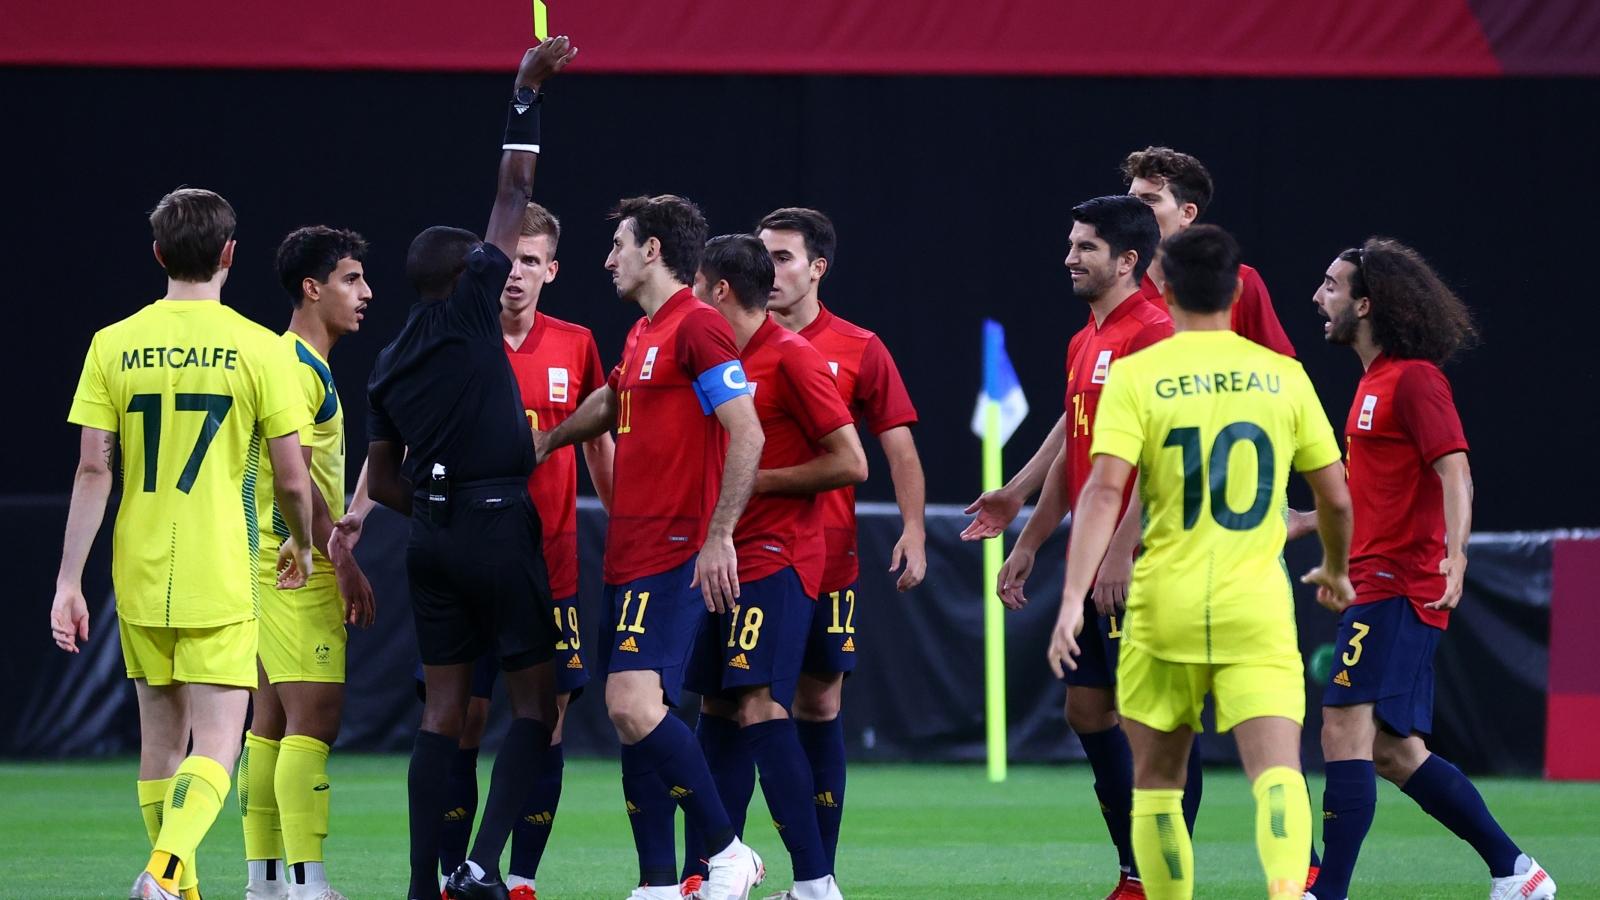 Trực tiếp bóng đá Olympic Tokyo, Australia 0-1 Tây Ban Nha: Oyarzabal lên tiếng